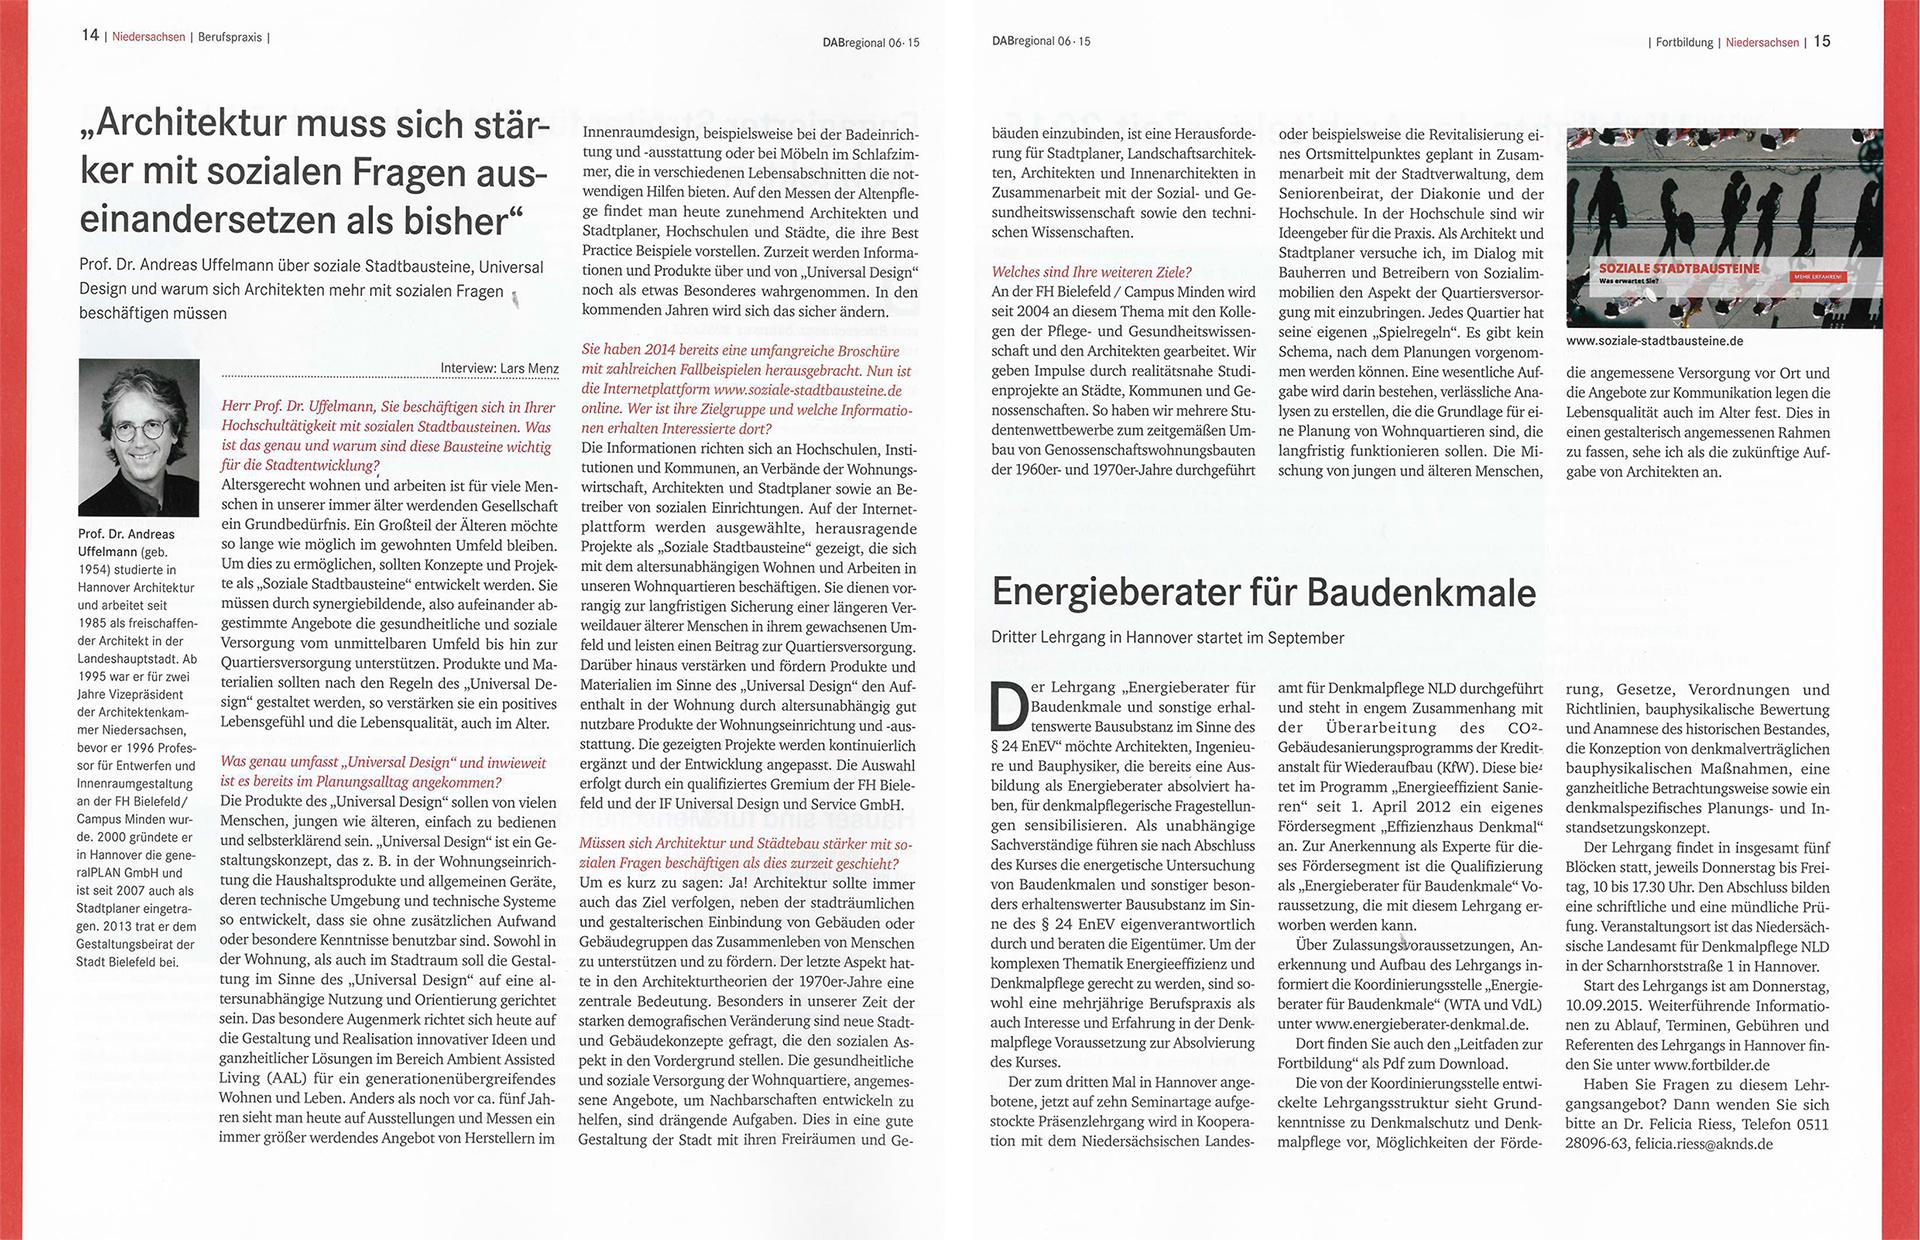 2015-06-04-Artikel-Deutsches-Architektenblatt